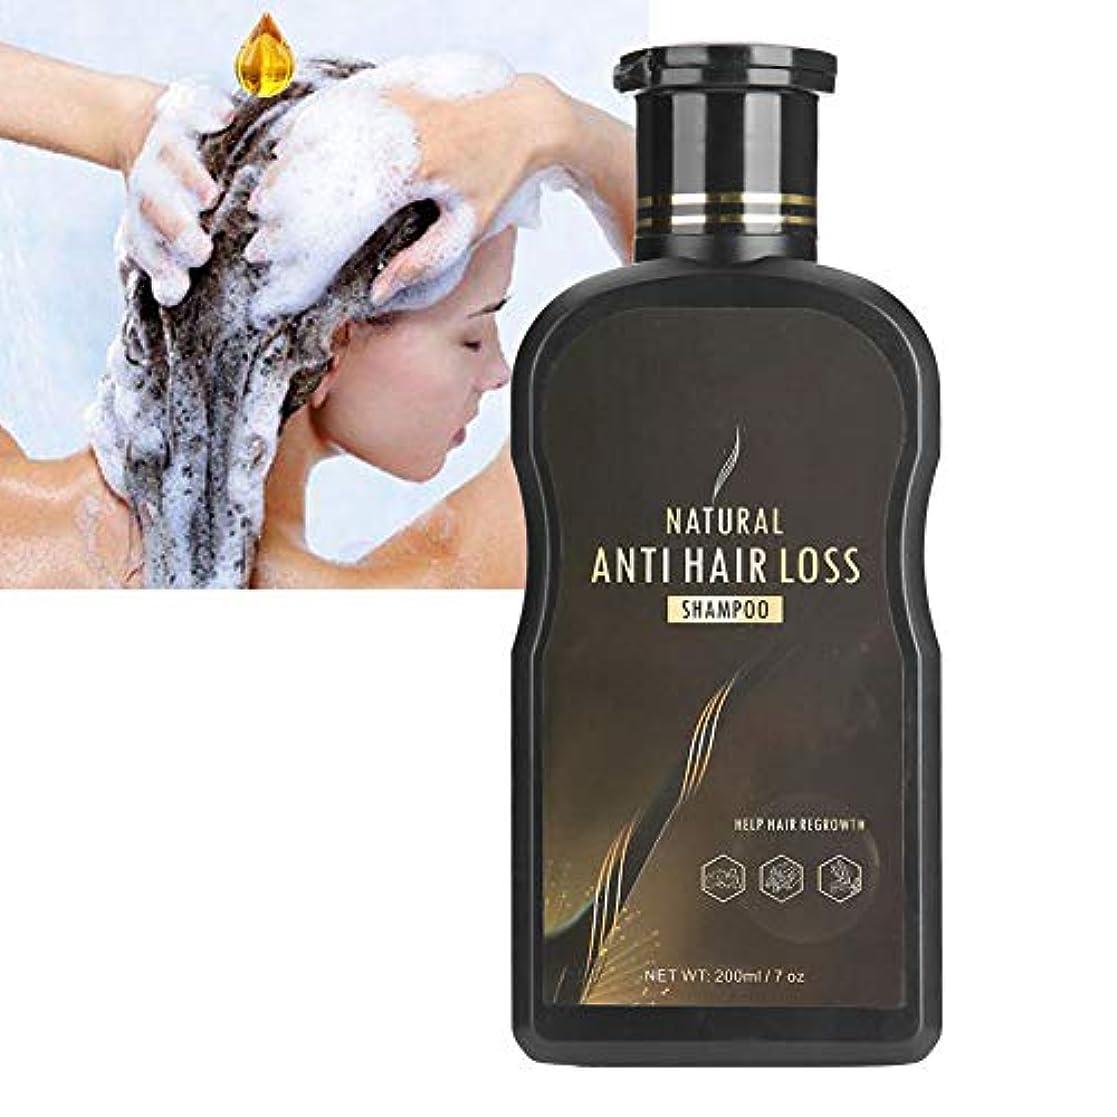 ポスターのヒープミニシャンプー、栄養毛根の修理傷んだ髪のスケールを防ぐすべての髪のタイプ男性と女性のための脱毛頭皮ケア製品を予防する200mlボトル